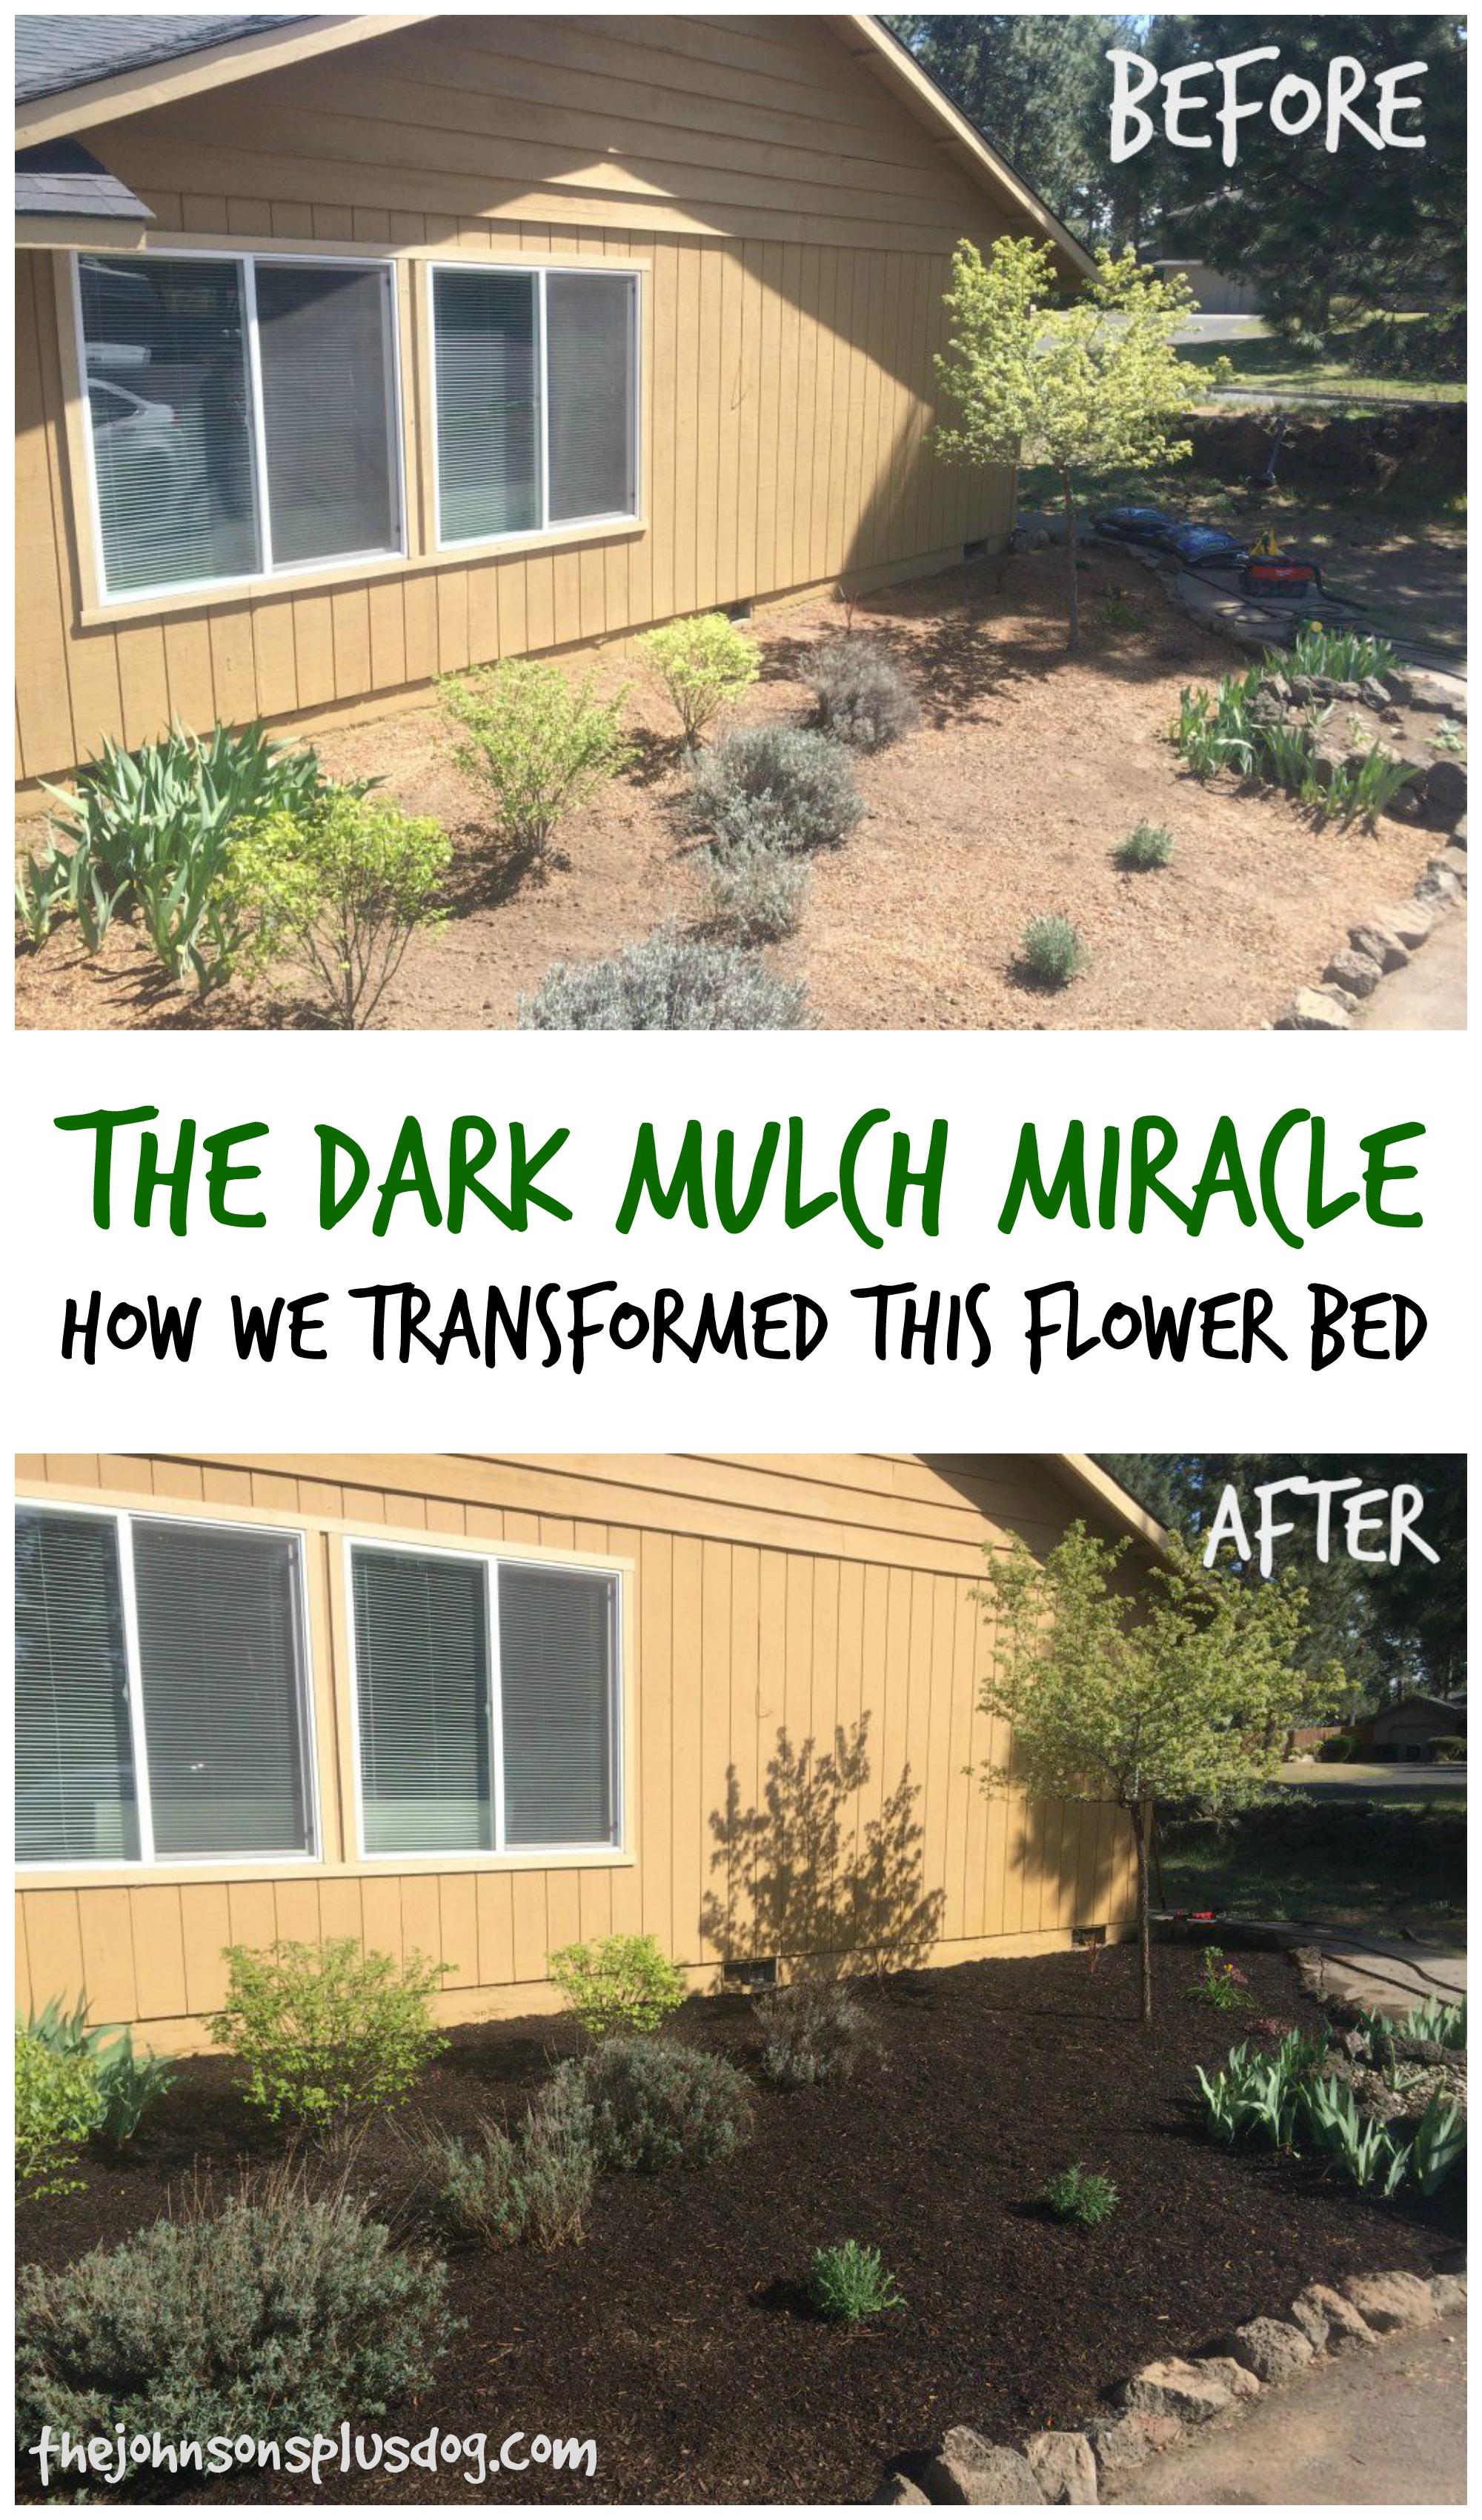 Dark Mulch Miracle: Flower Bed Transformation